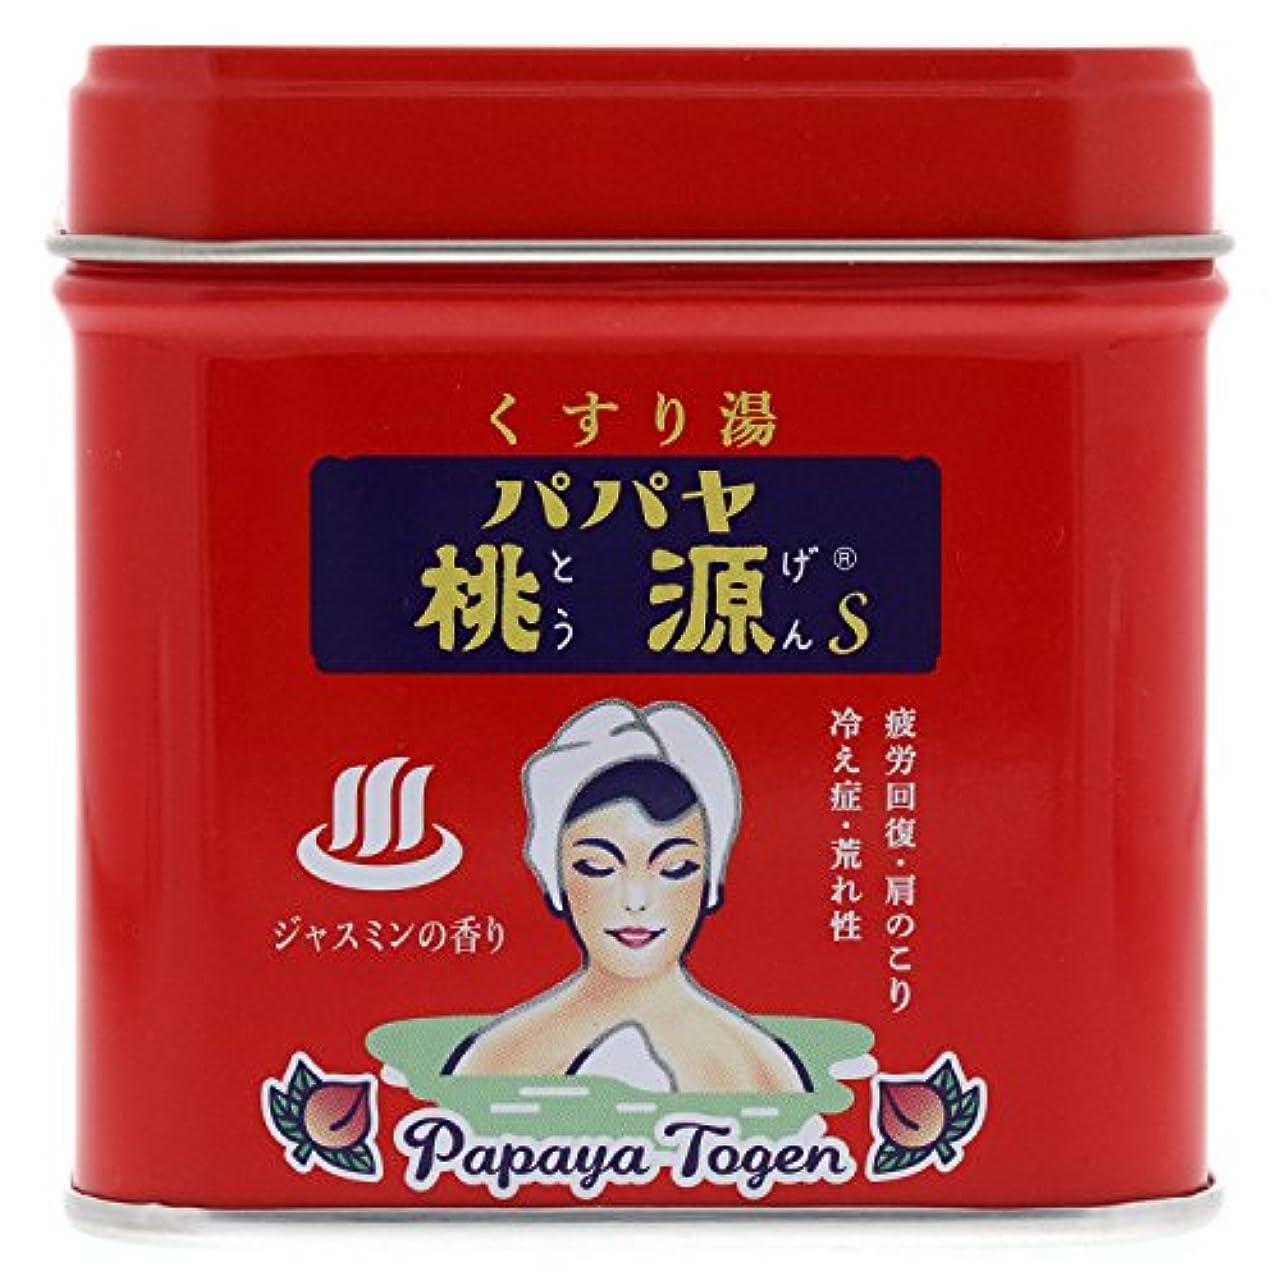 究極のマウスピースインセンティブパパヤ桃源S70g缶 ジャスミンの香り [医薬部外品]